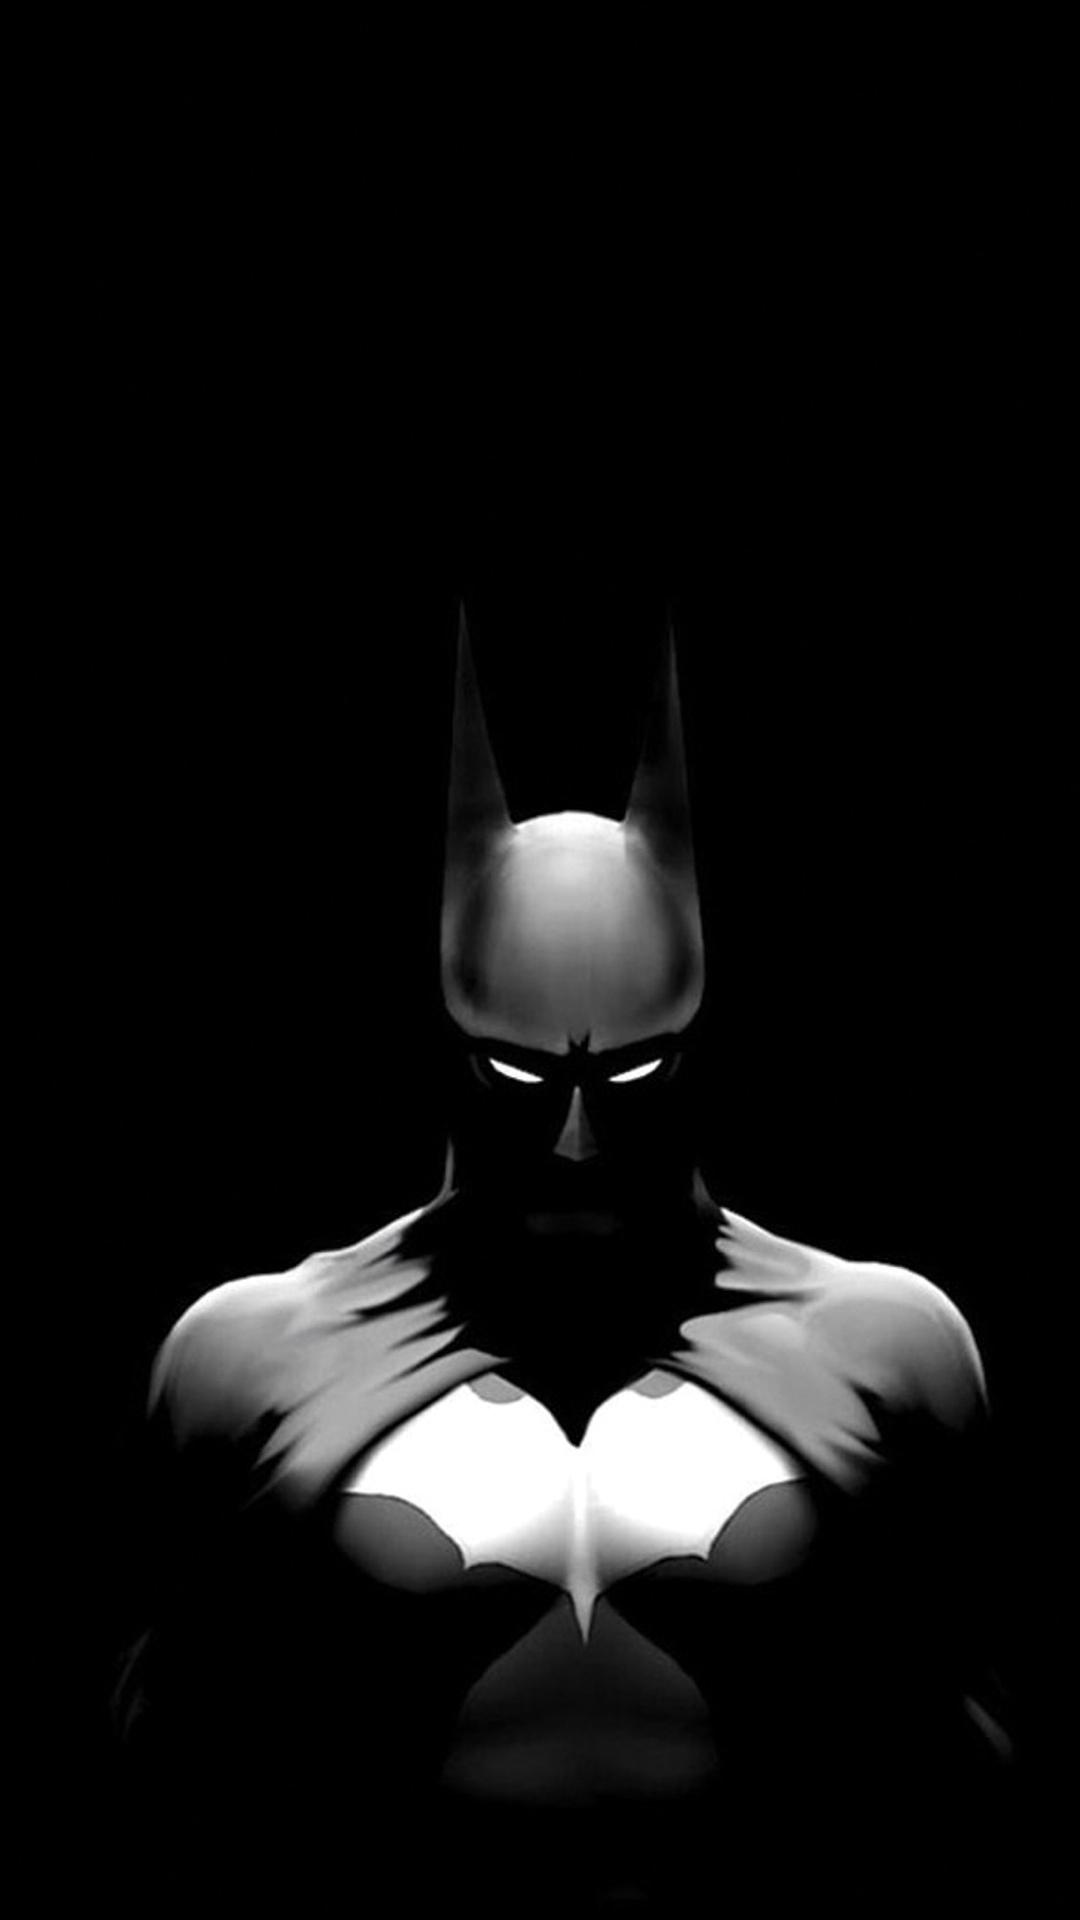 Batman Dark Illustration iPhone 6 Plus HD Wallpaper iPod Wallpaper 1080x1920